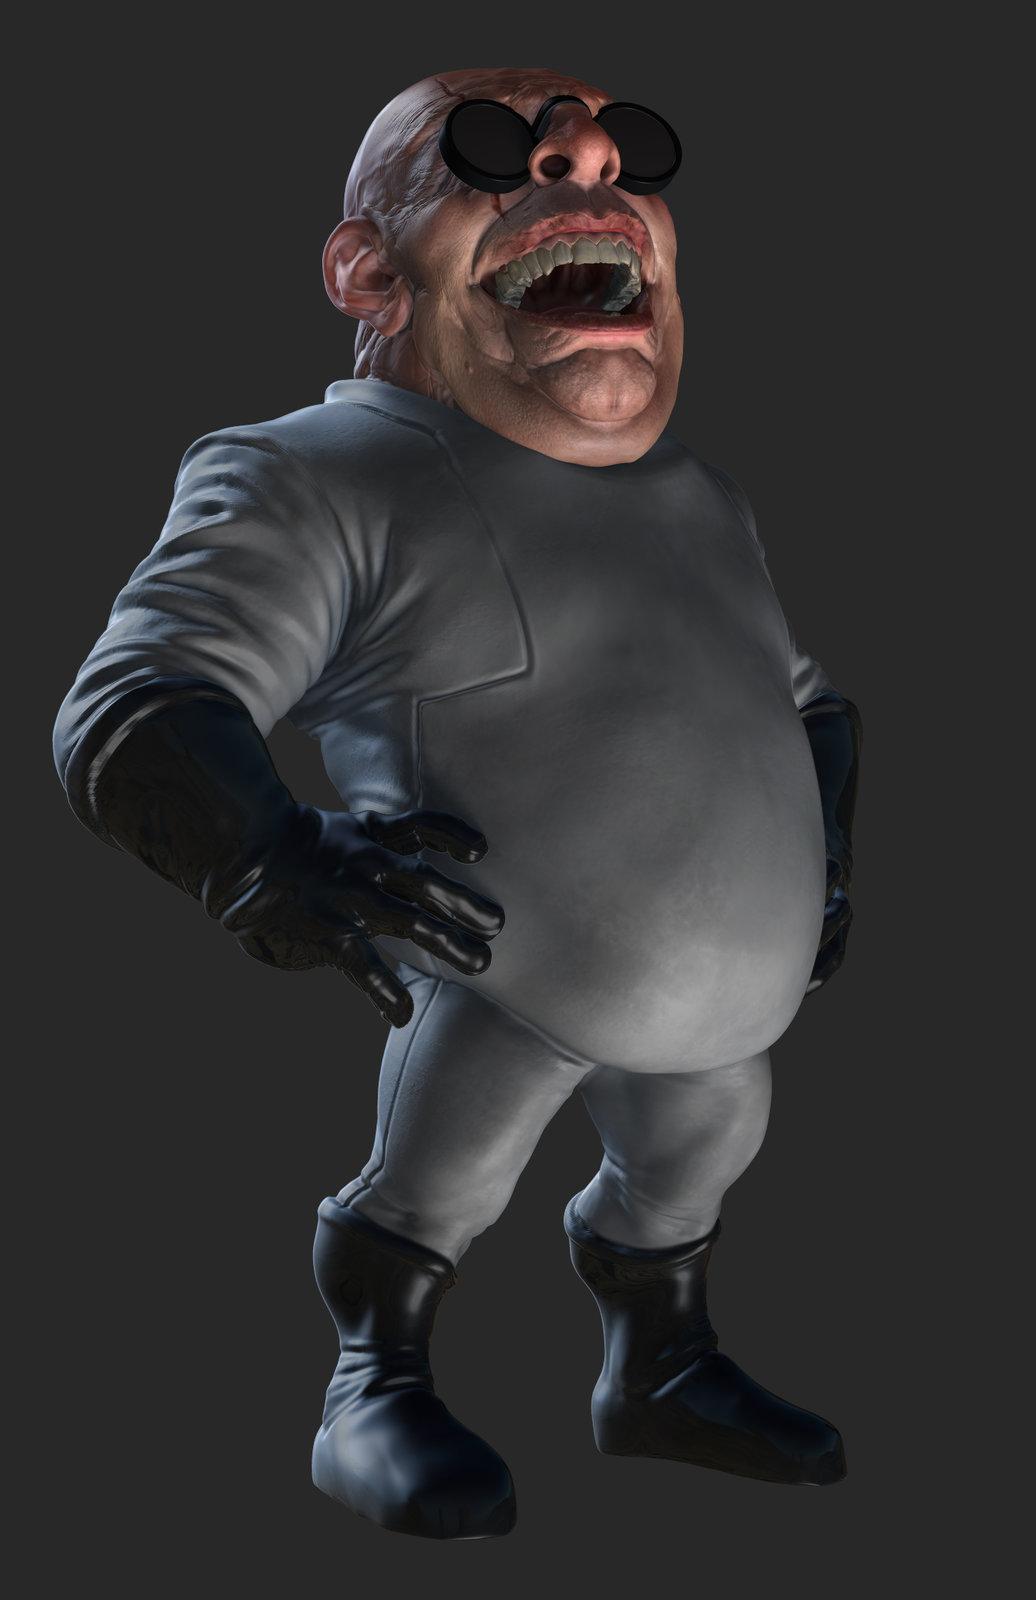 ZBrush render of Eat3D Creepy Doctor, Rim Light